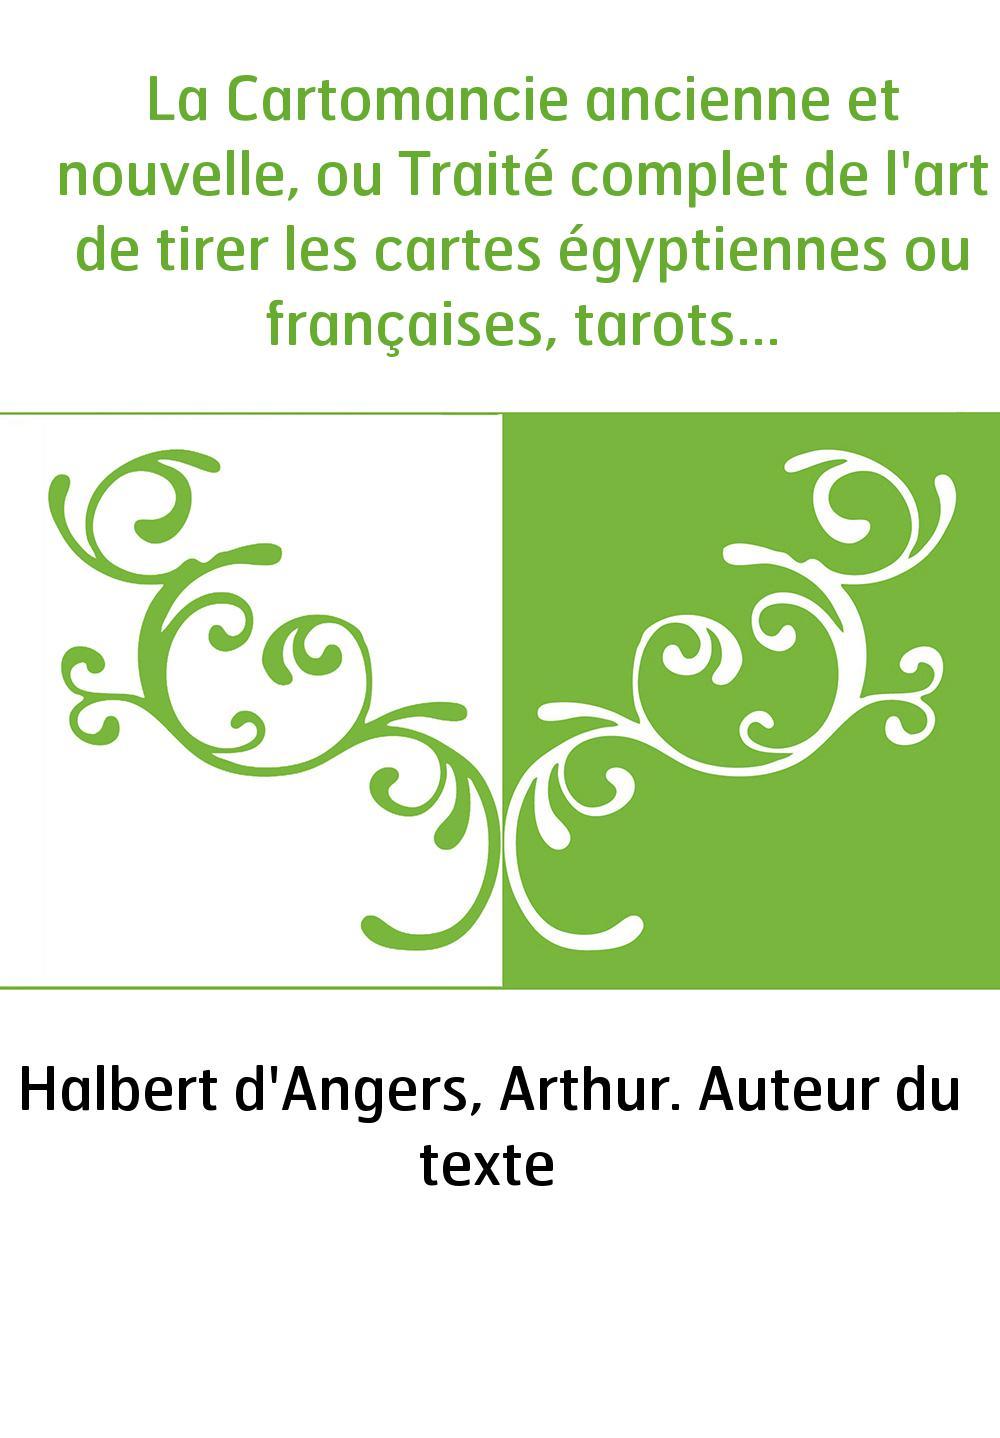 La Cartomancie ancienne et nouvelle, ou Traité complet de l'art de tirer les cartes égyptiennes ou françaises, tarots, etc.,...